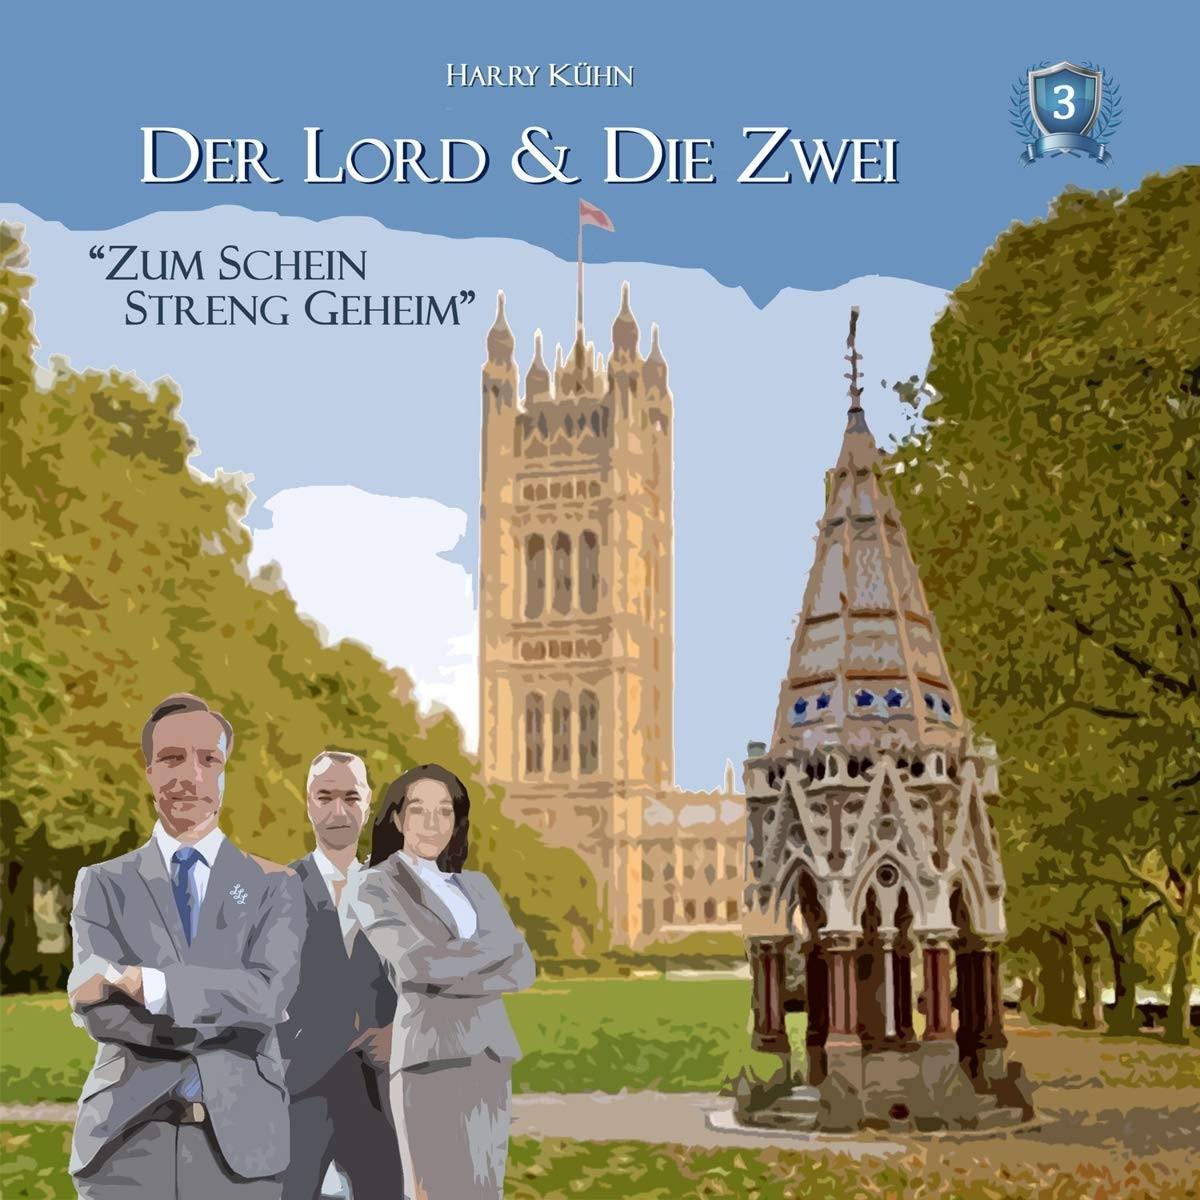 Der Lord & die Zwei (3): Zum Schein streng geheim